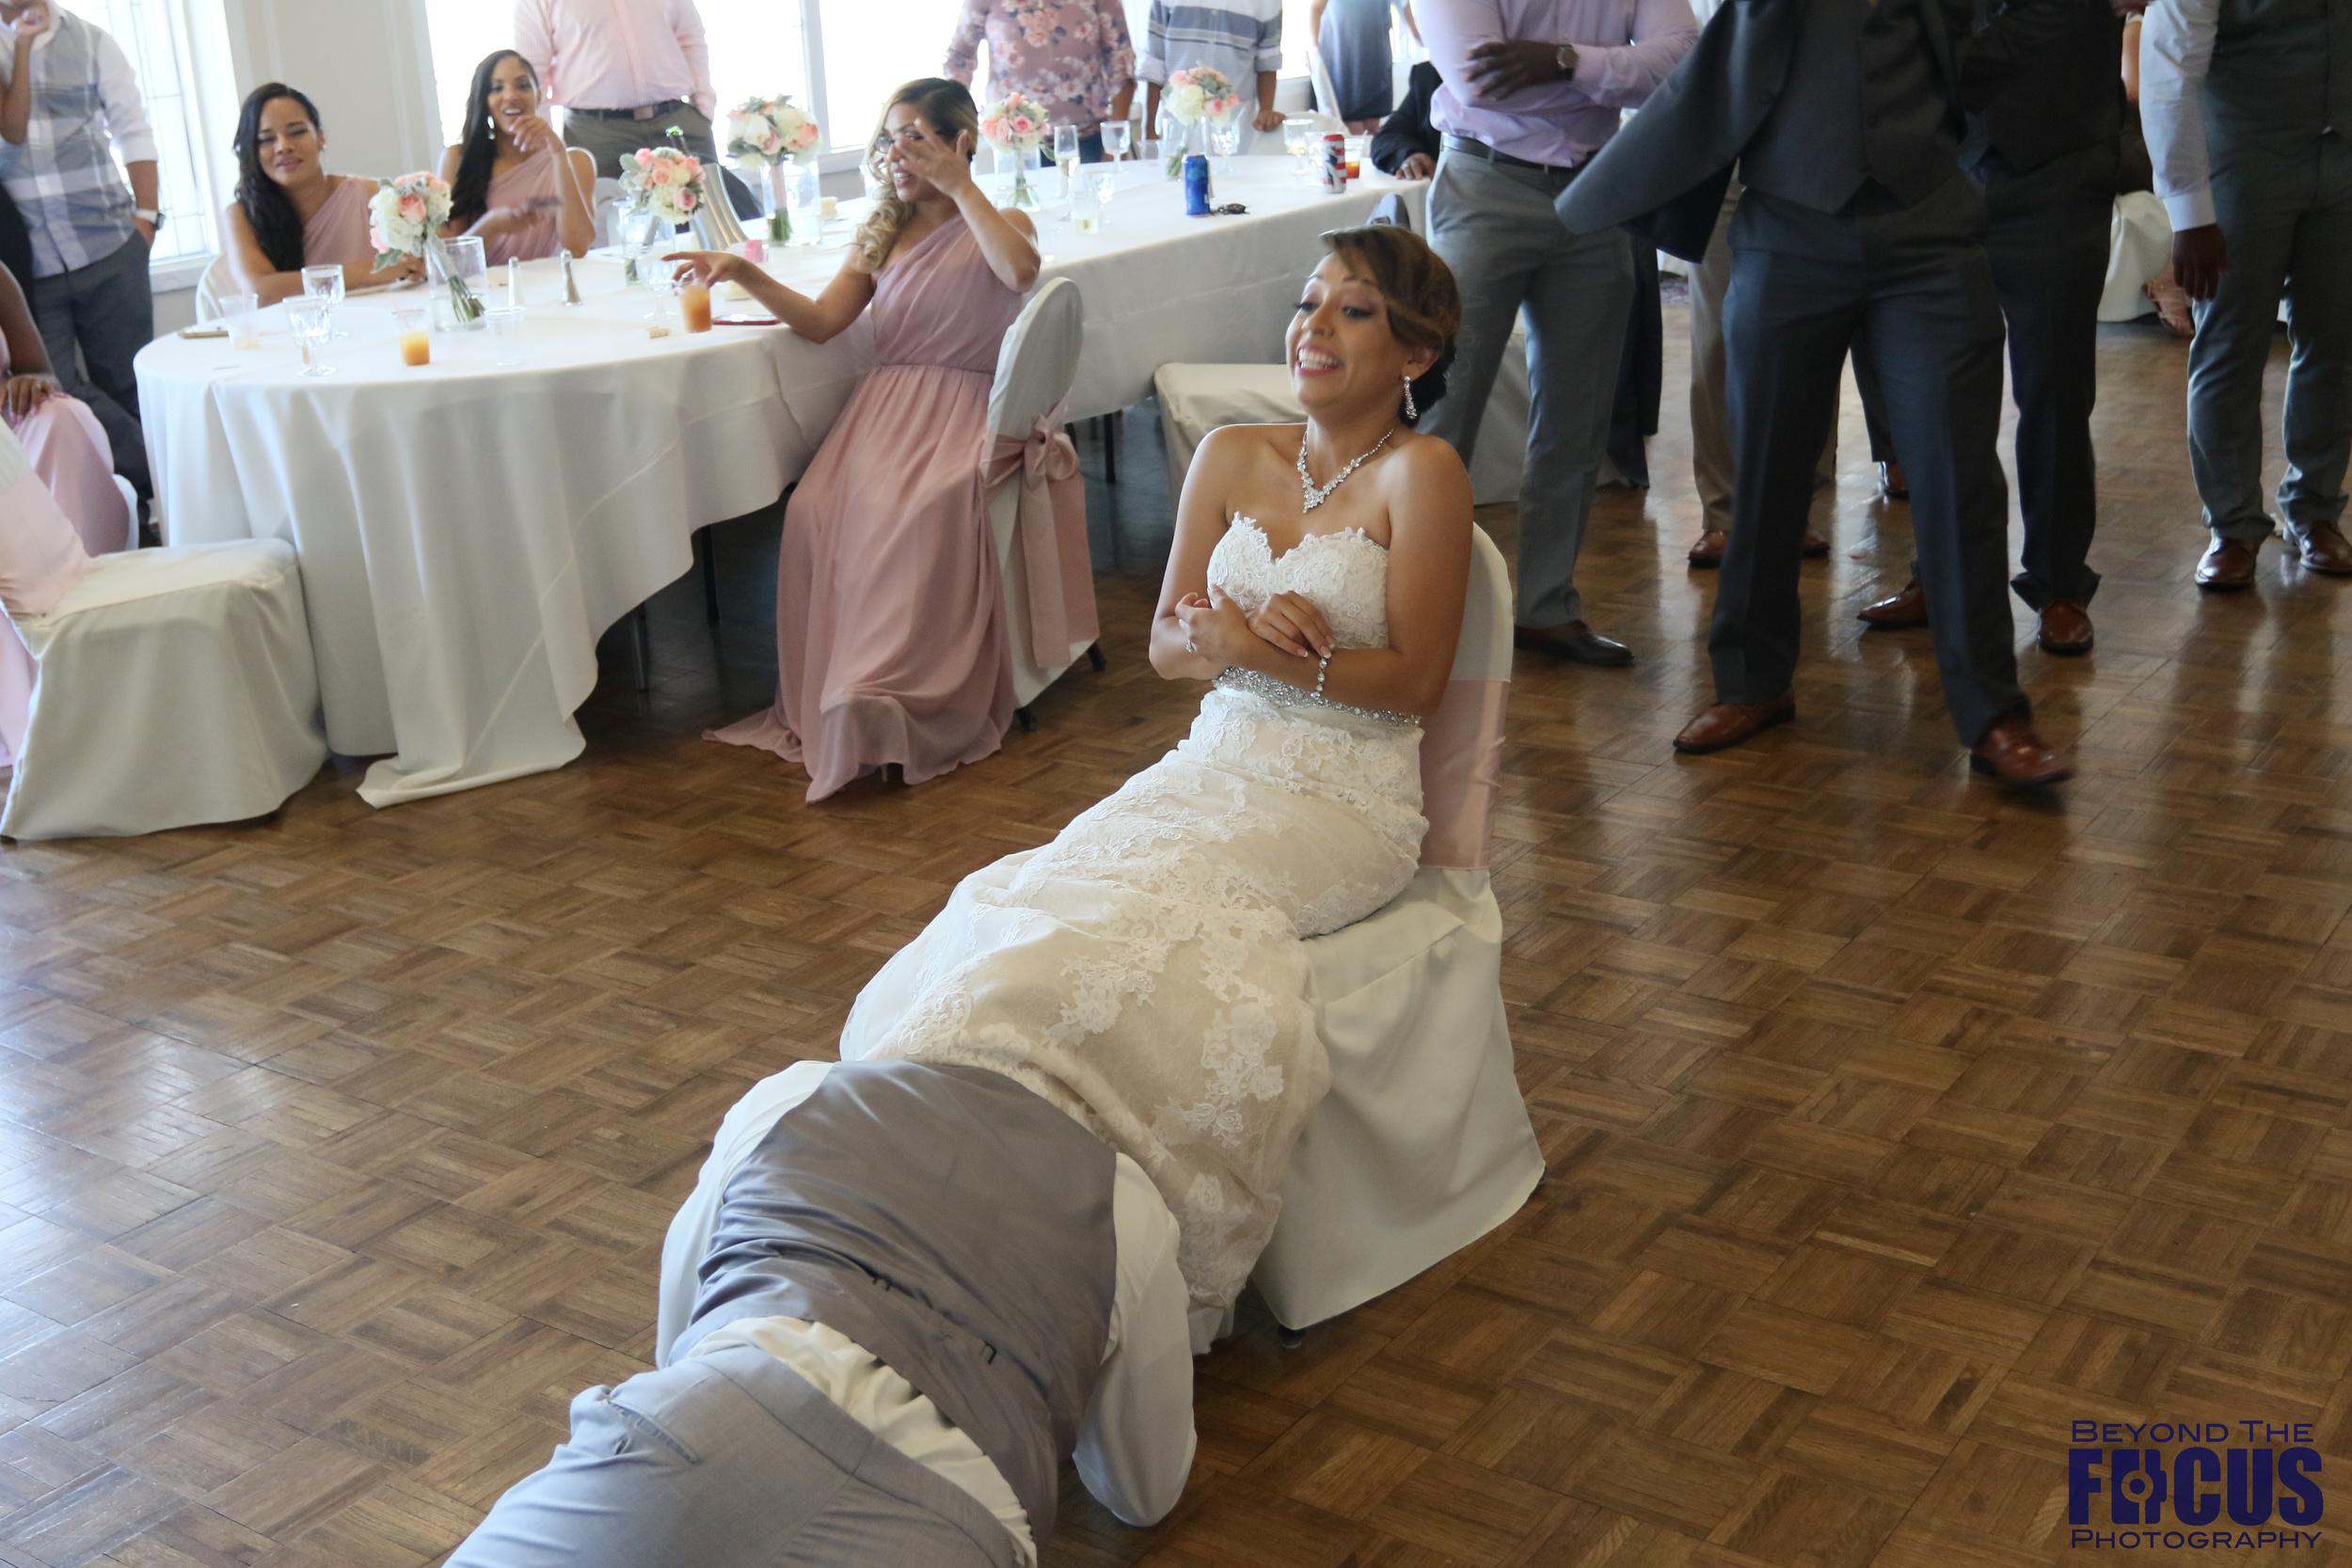 Palmer Wedding - Reception 48.jpg